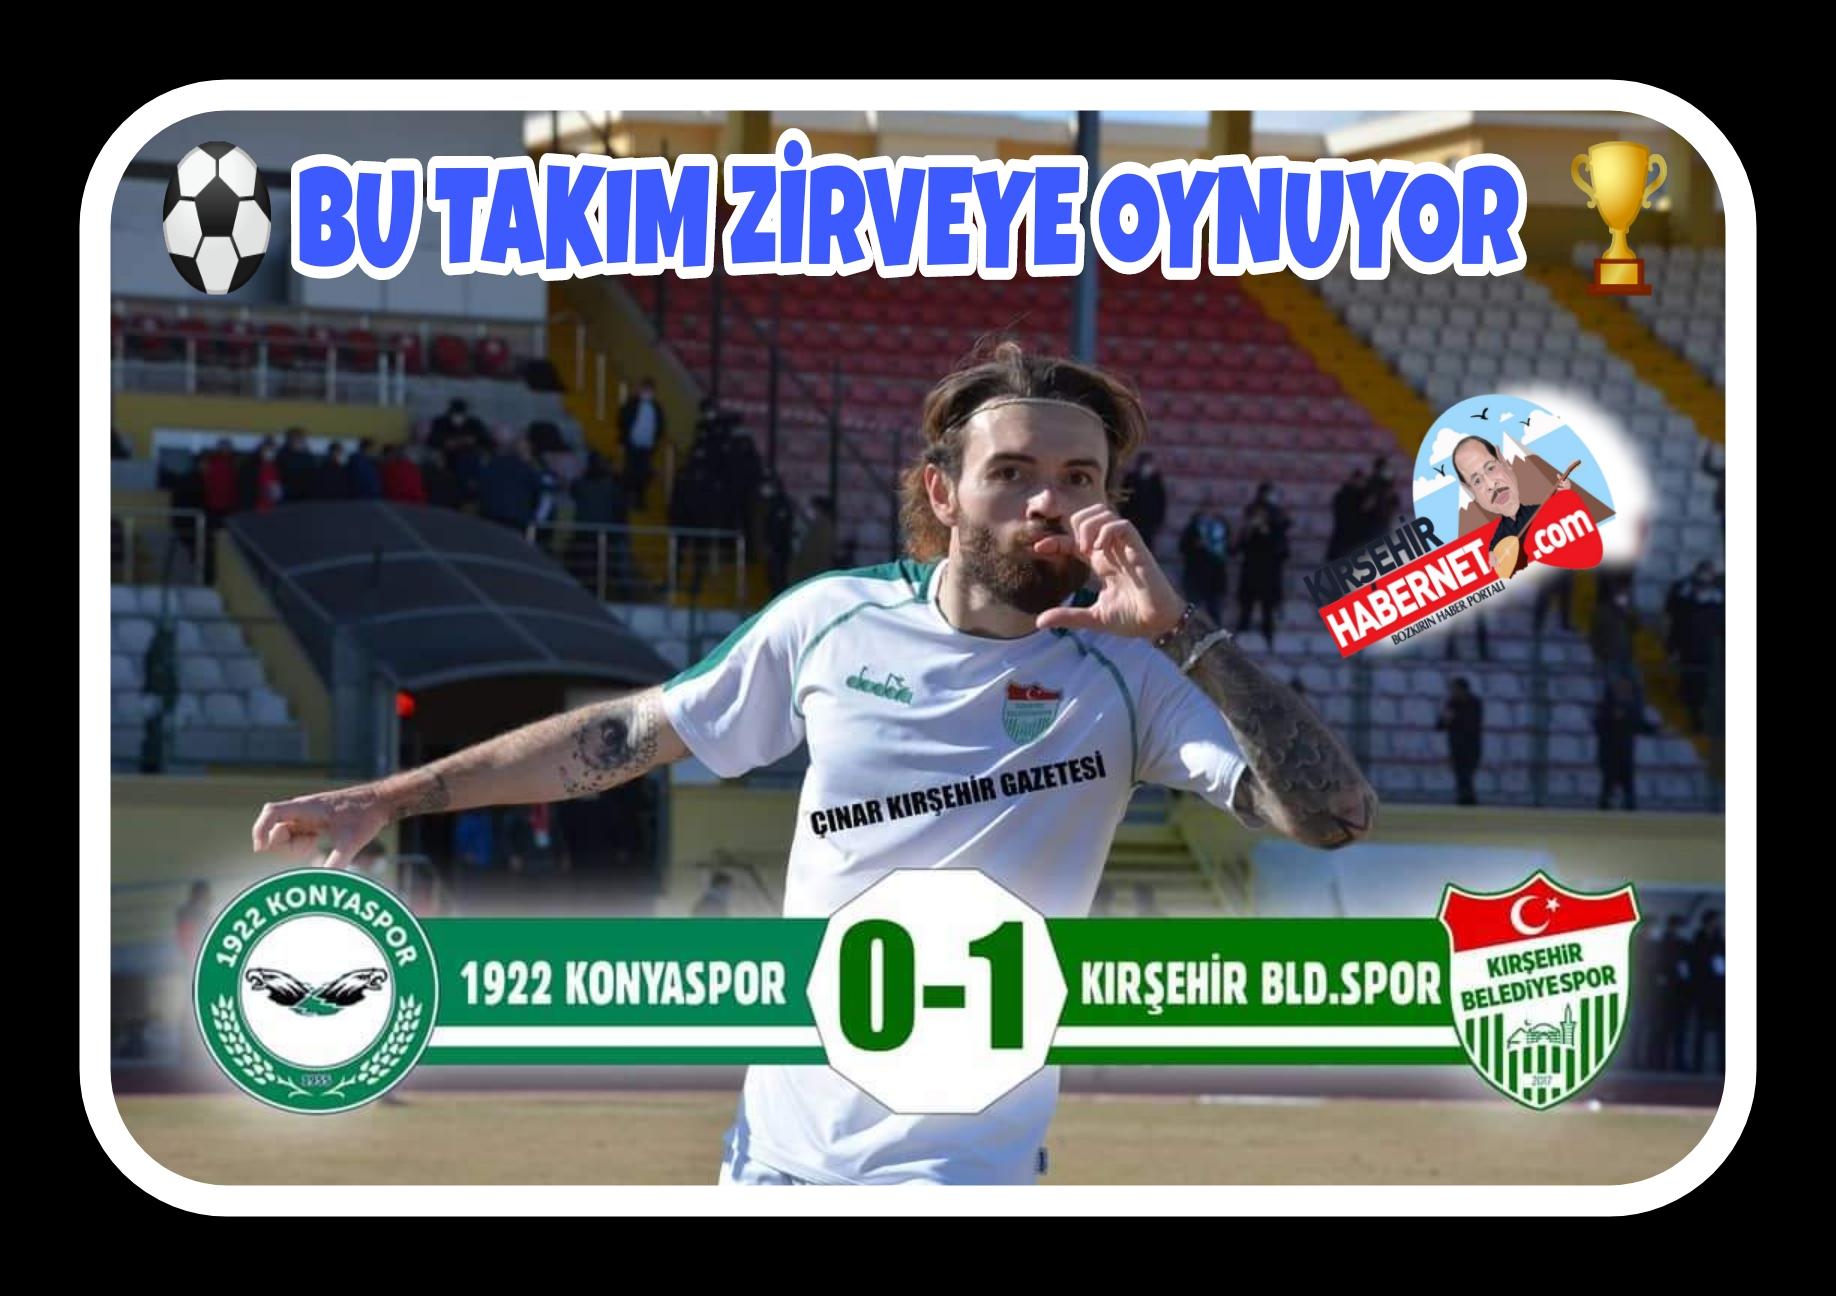 DEPLASMANDA KONYA MEVLANA ŞEKERİ YEDİK !!